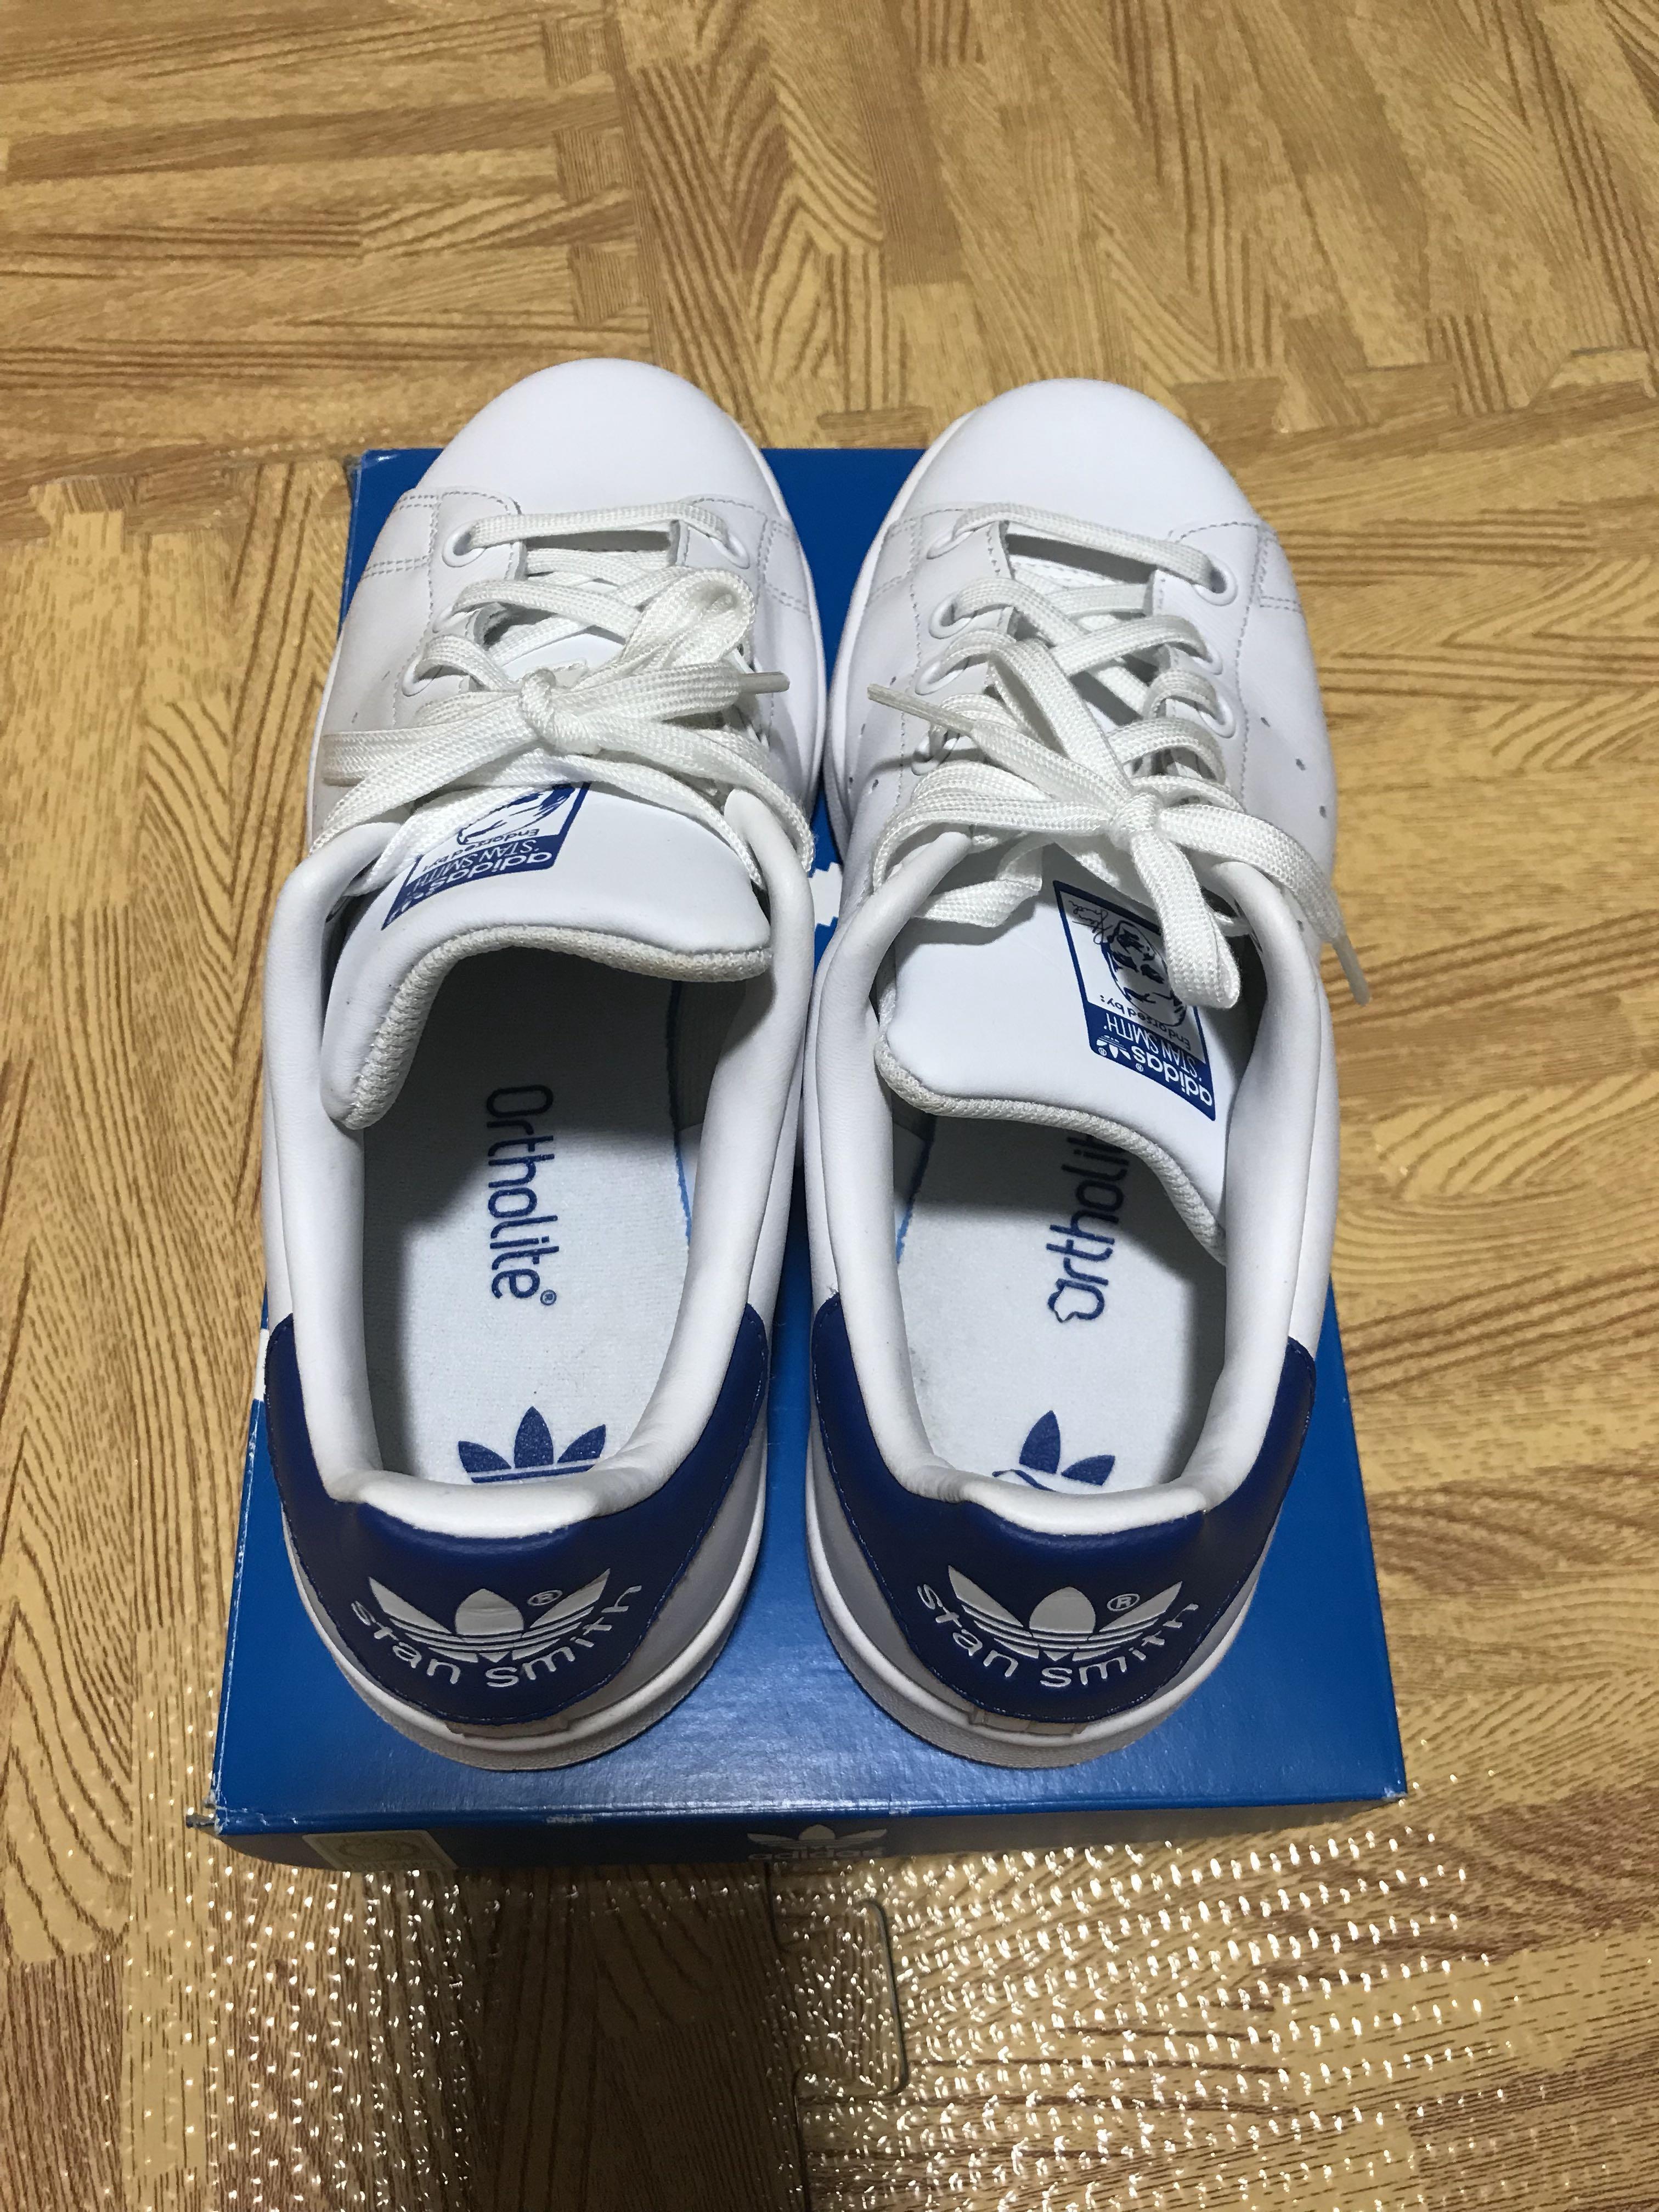 Los Angeles hurtownia online szczegółowe zdjęcia Originals Adidas Stan Smith J S74778, Women's Fashion, Shoes ...